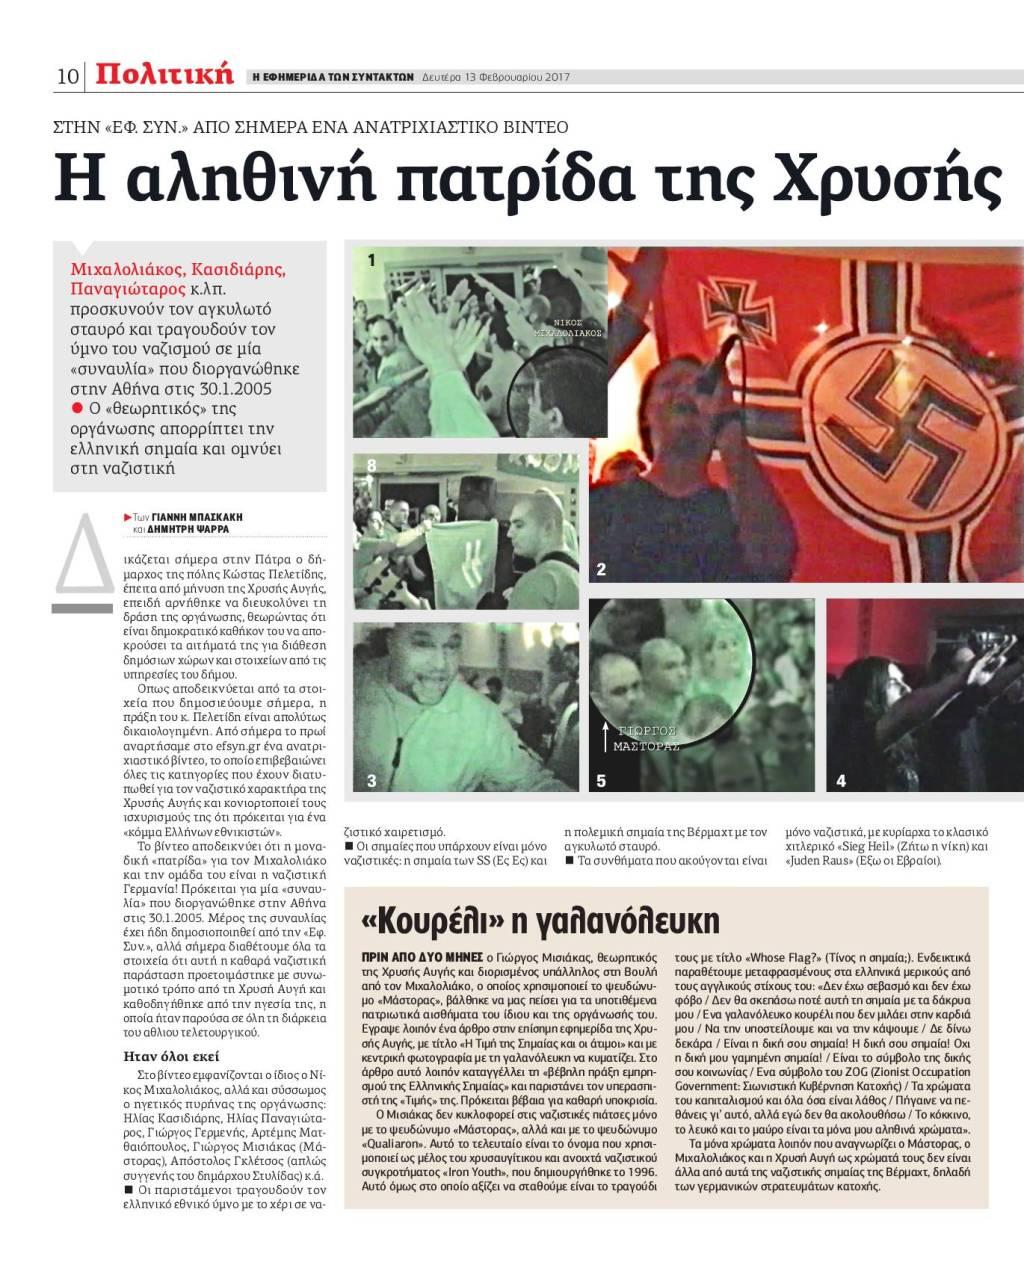 Εφημερίδα των Συντακτών, 13/02/2017, σελίδα 10: Χρυσή Αυγή: 'Είμαστε Γερμανοί Ναζί', Κουρέλι η γαλανόλευκη, Σημαία μας η σβάστικα